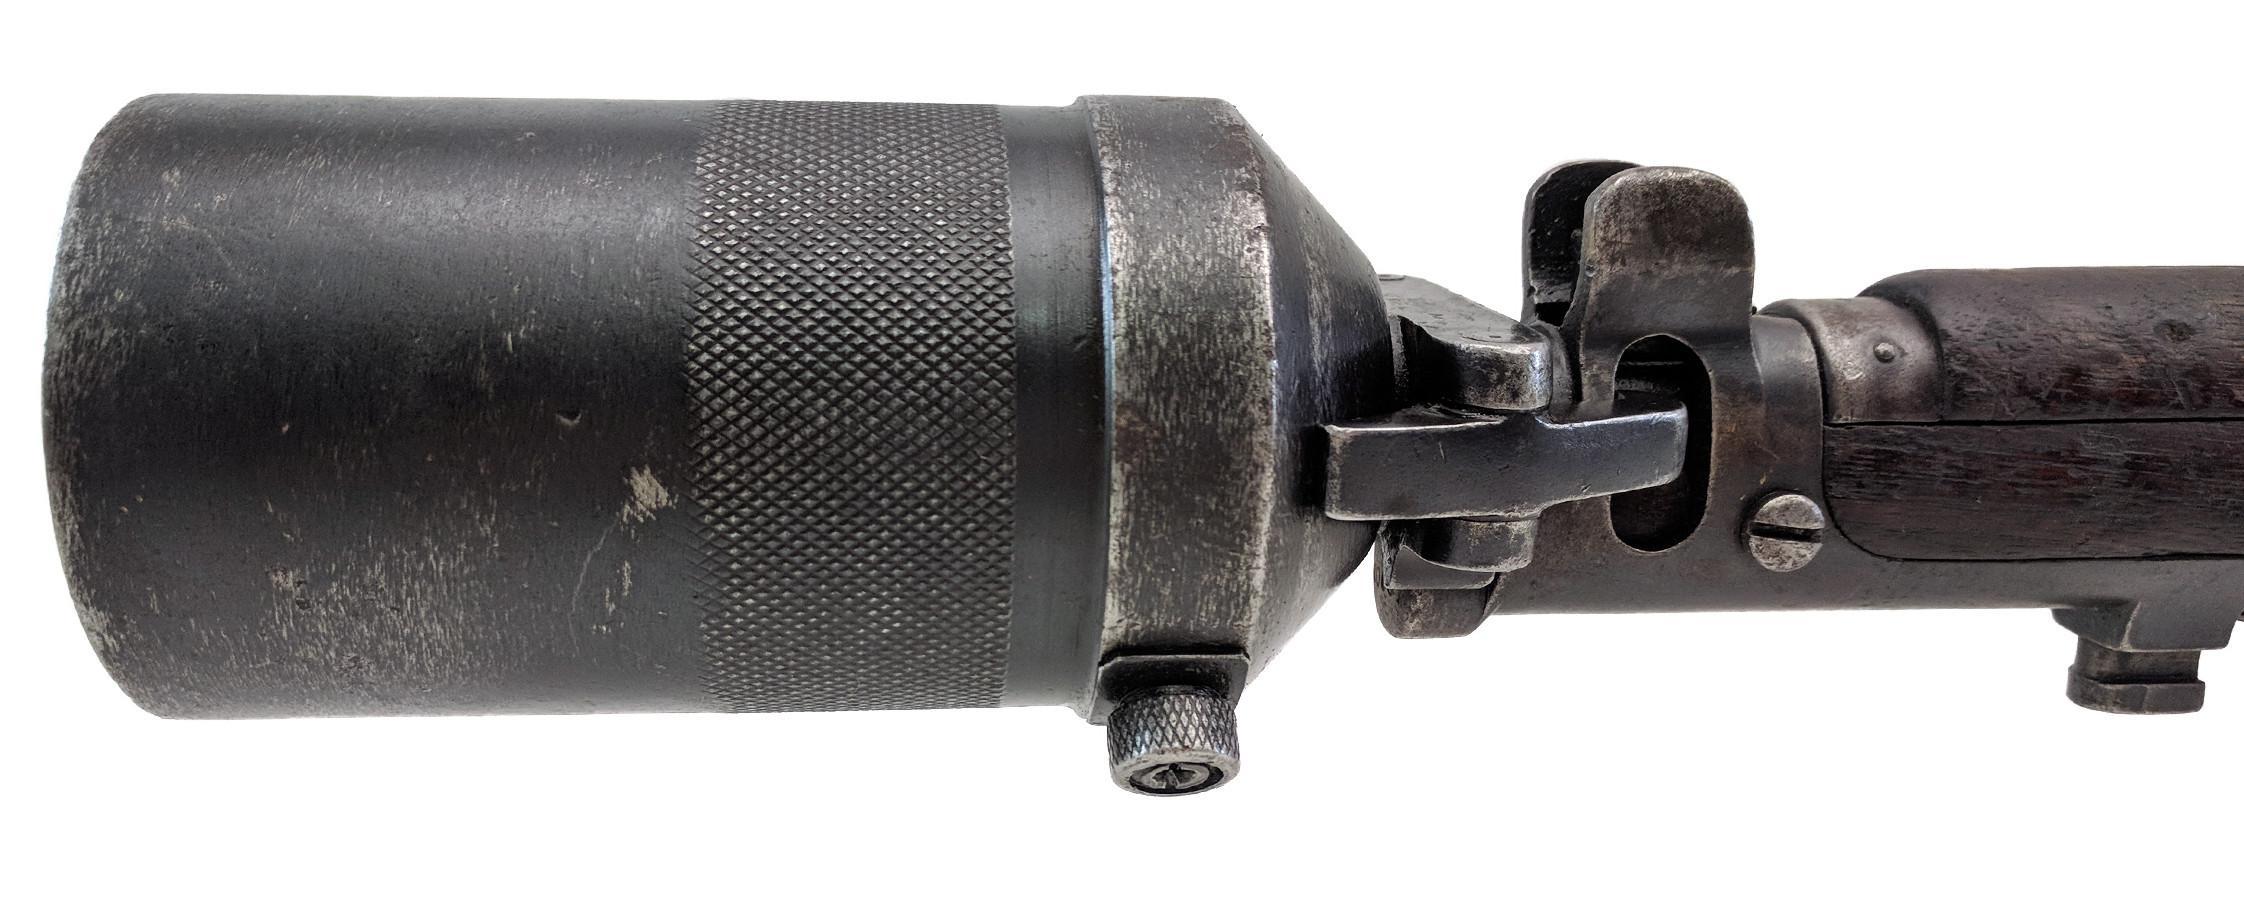 Enfield No1 SMLE Grenade Launcher, *Mfg RFI*